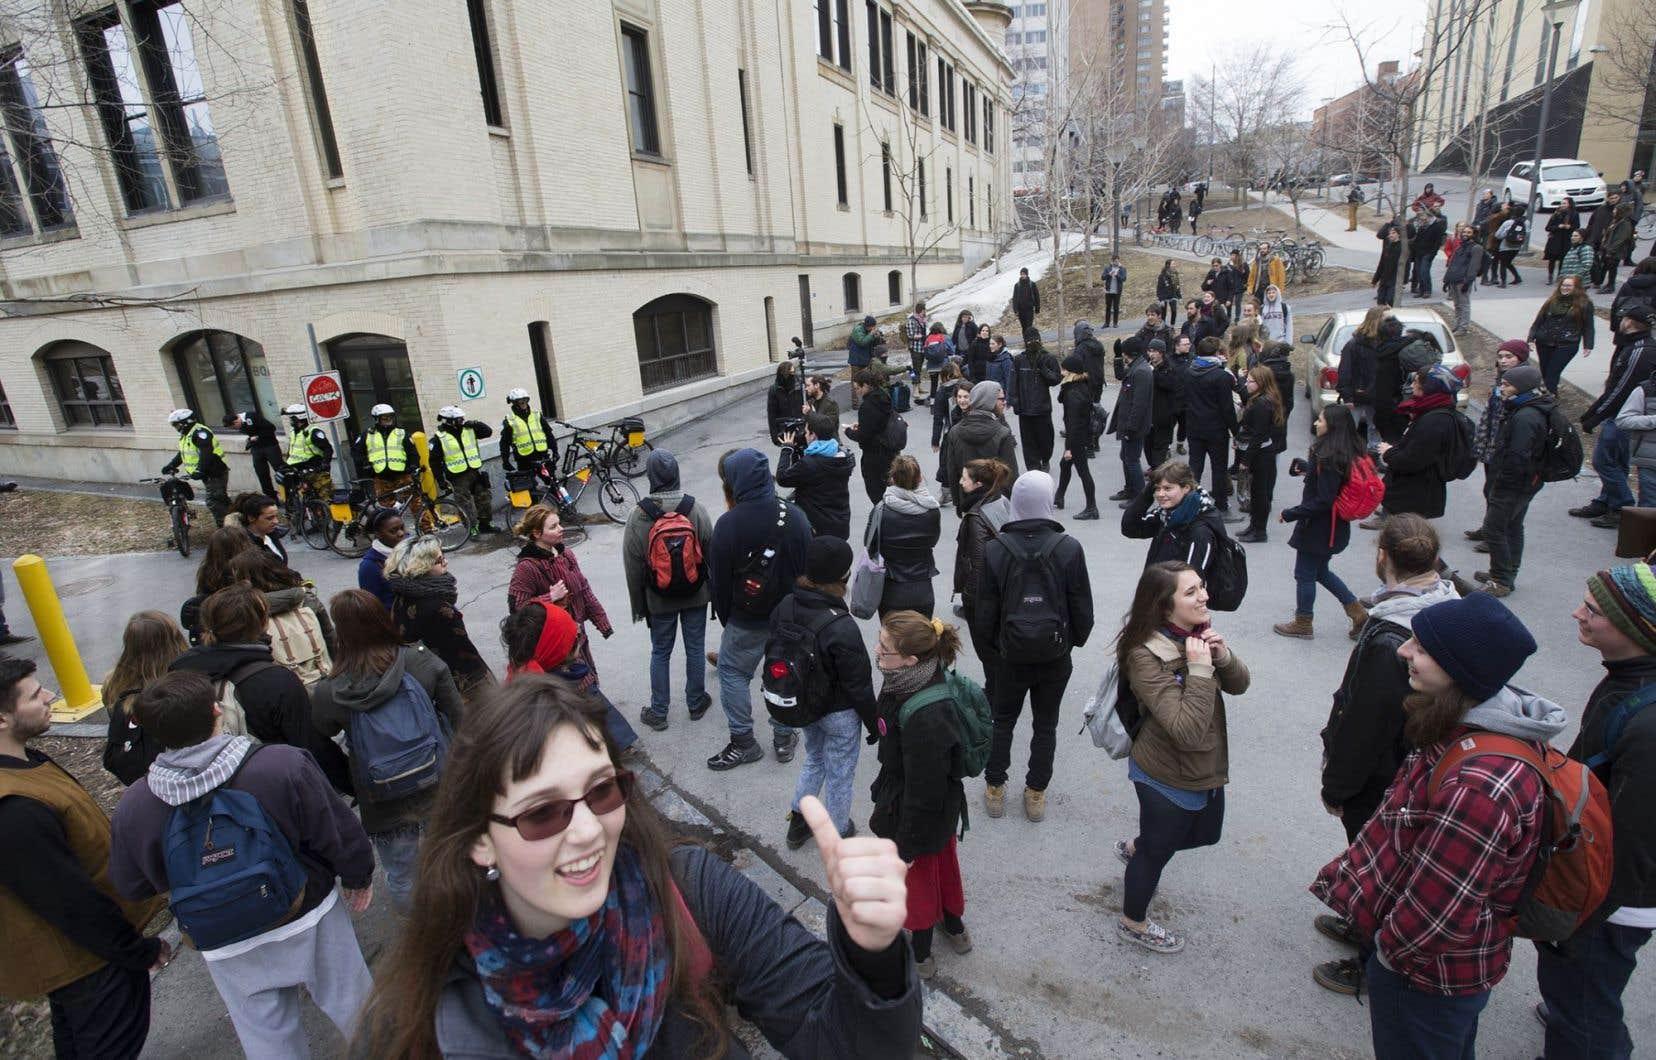 Ce collectif dénonce les violences, mais signale surtout son désaccord avec les déclarations publiques de l'exécutif du syndicat qui, selon eux,<em> « appuient sans discernement les actions étudiantes »</em>.